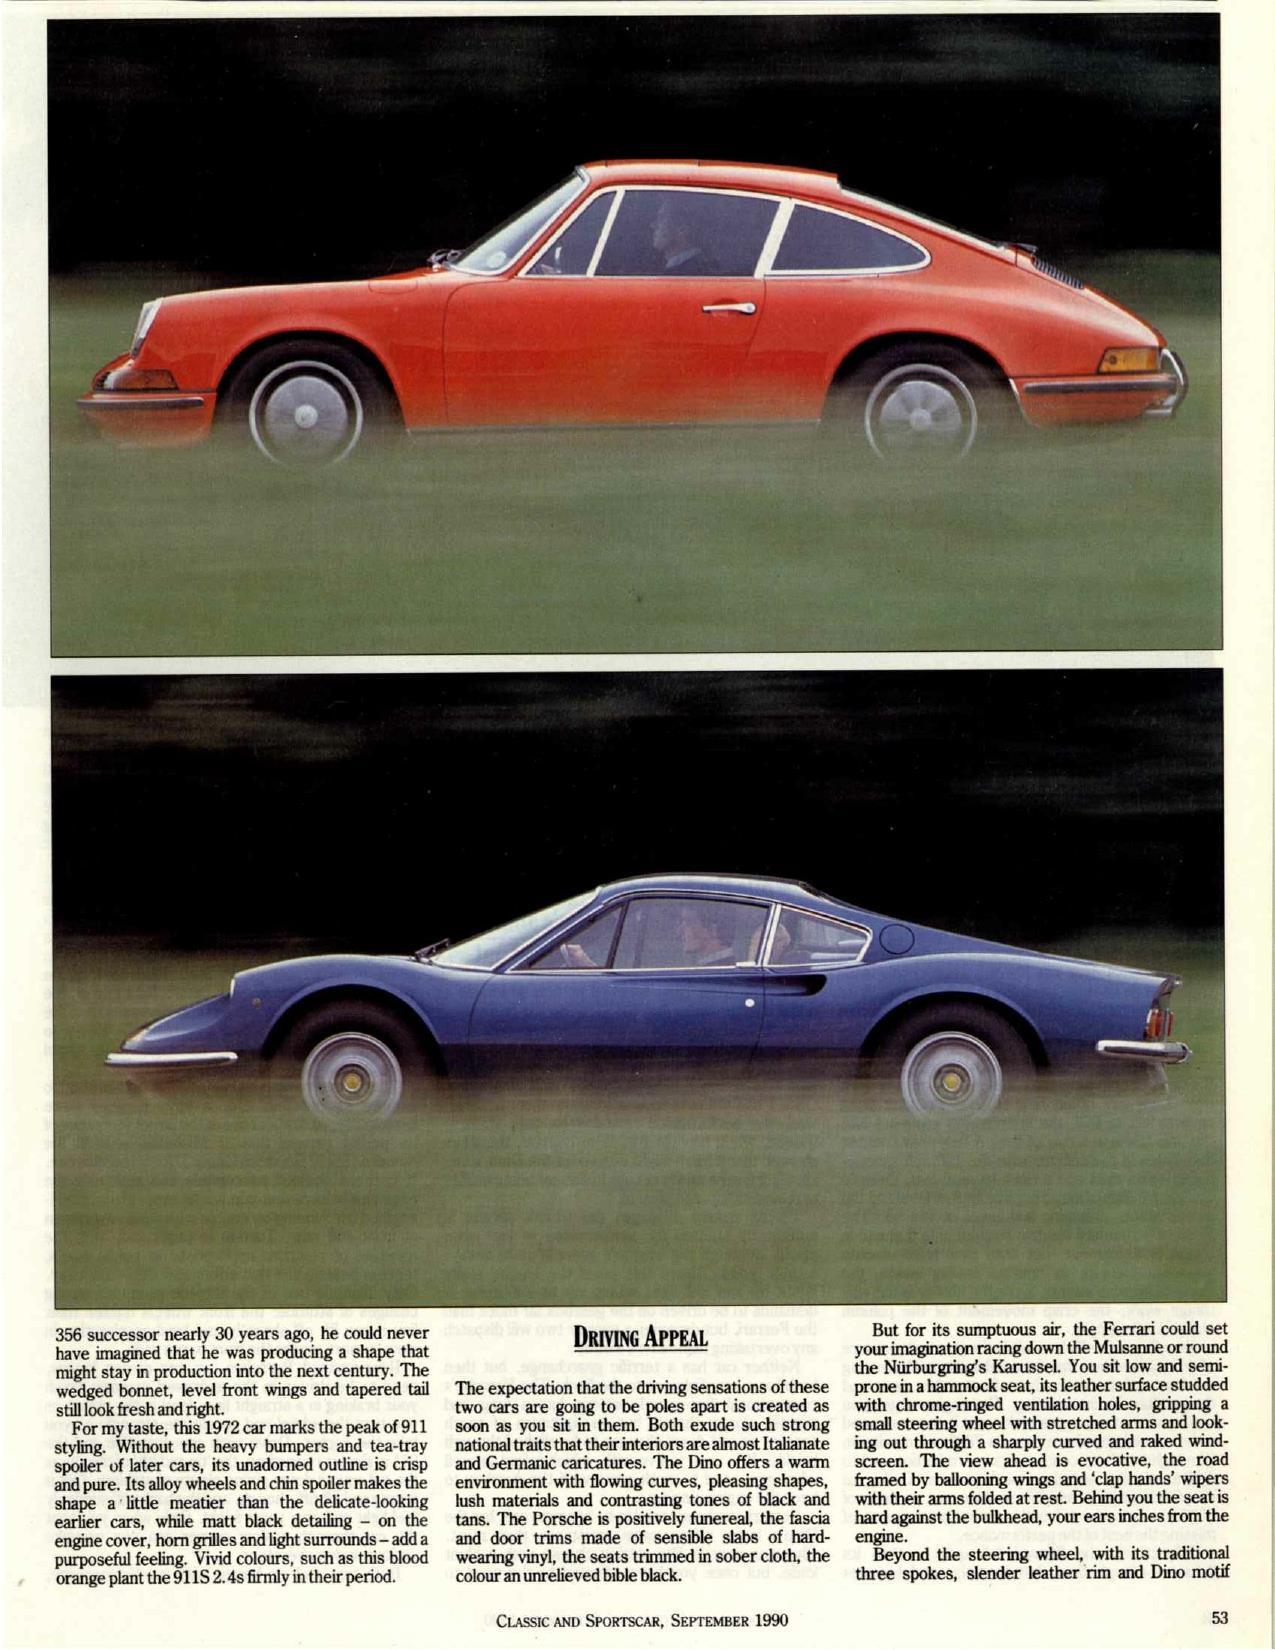 Porsche 911 S 2.4 vs Ferrari Dino 246 GT (Clic & Sportscar mag ... on porsche macan, porsche replica cars, porsche women, porsche cabrio, porsche race girl, porsche art, porsche panamera, porsche gtp, porsche front, porsche cayenne, porsche gt4, porsche cayman, porsche calendar girls, porsche hd, porsche hatchback, porsche boxster, porsche future models, porsche electric car, porsche gt,